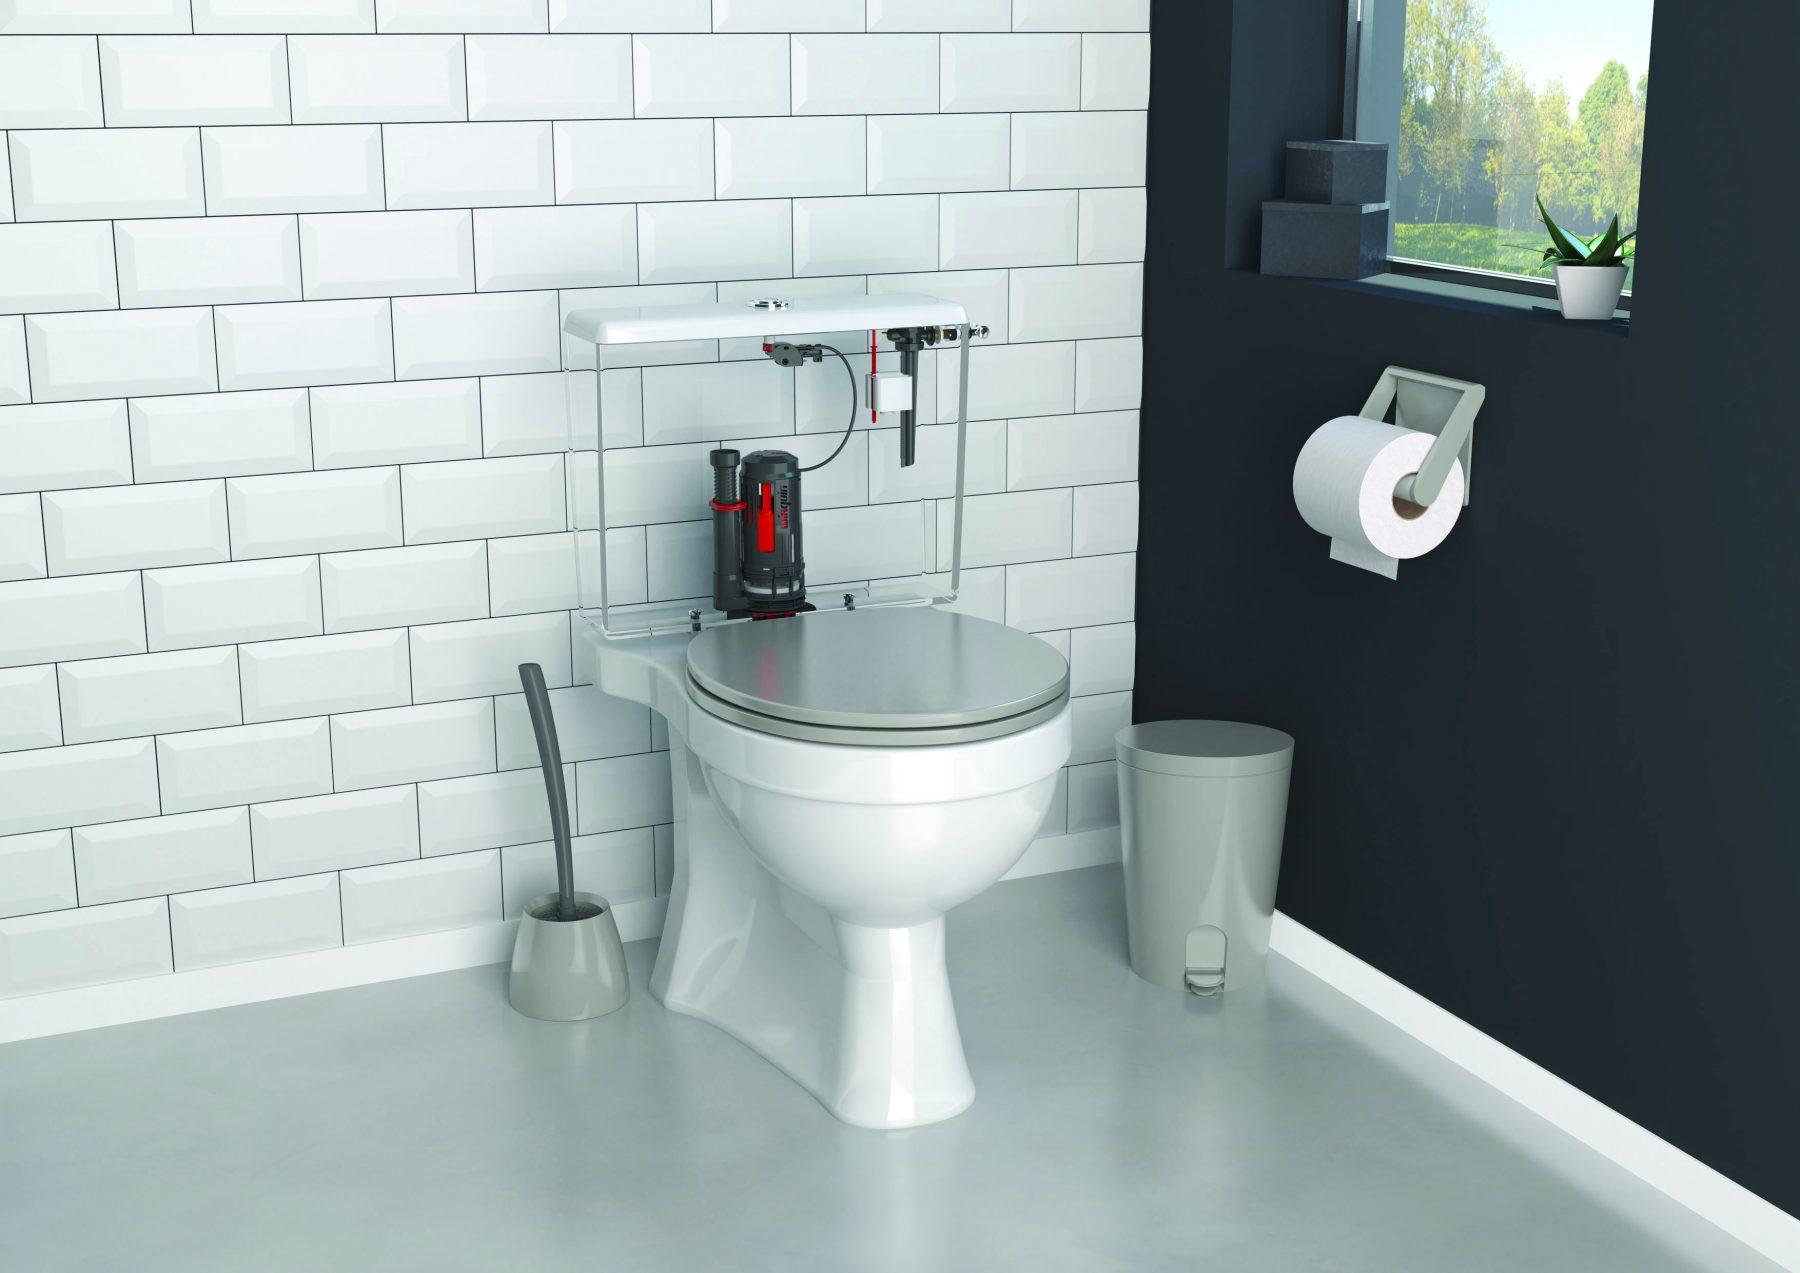 fiche produit m canisme universel de chasse d 39 eau wc. Black Bedroom Furniture Sets. Home Design Ideas